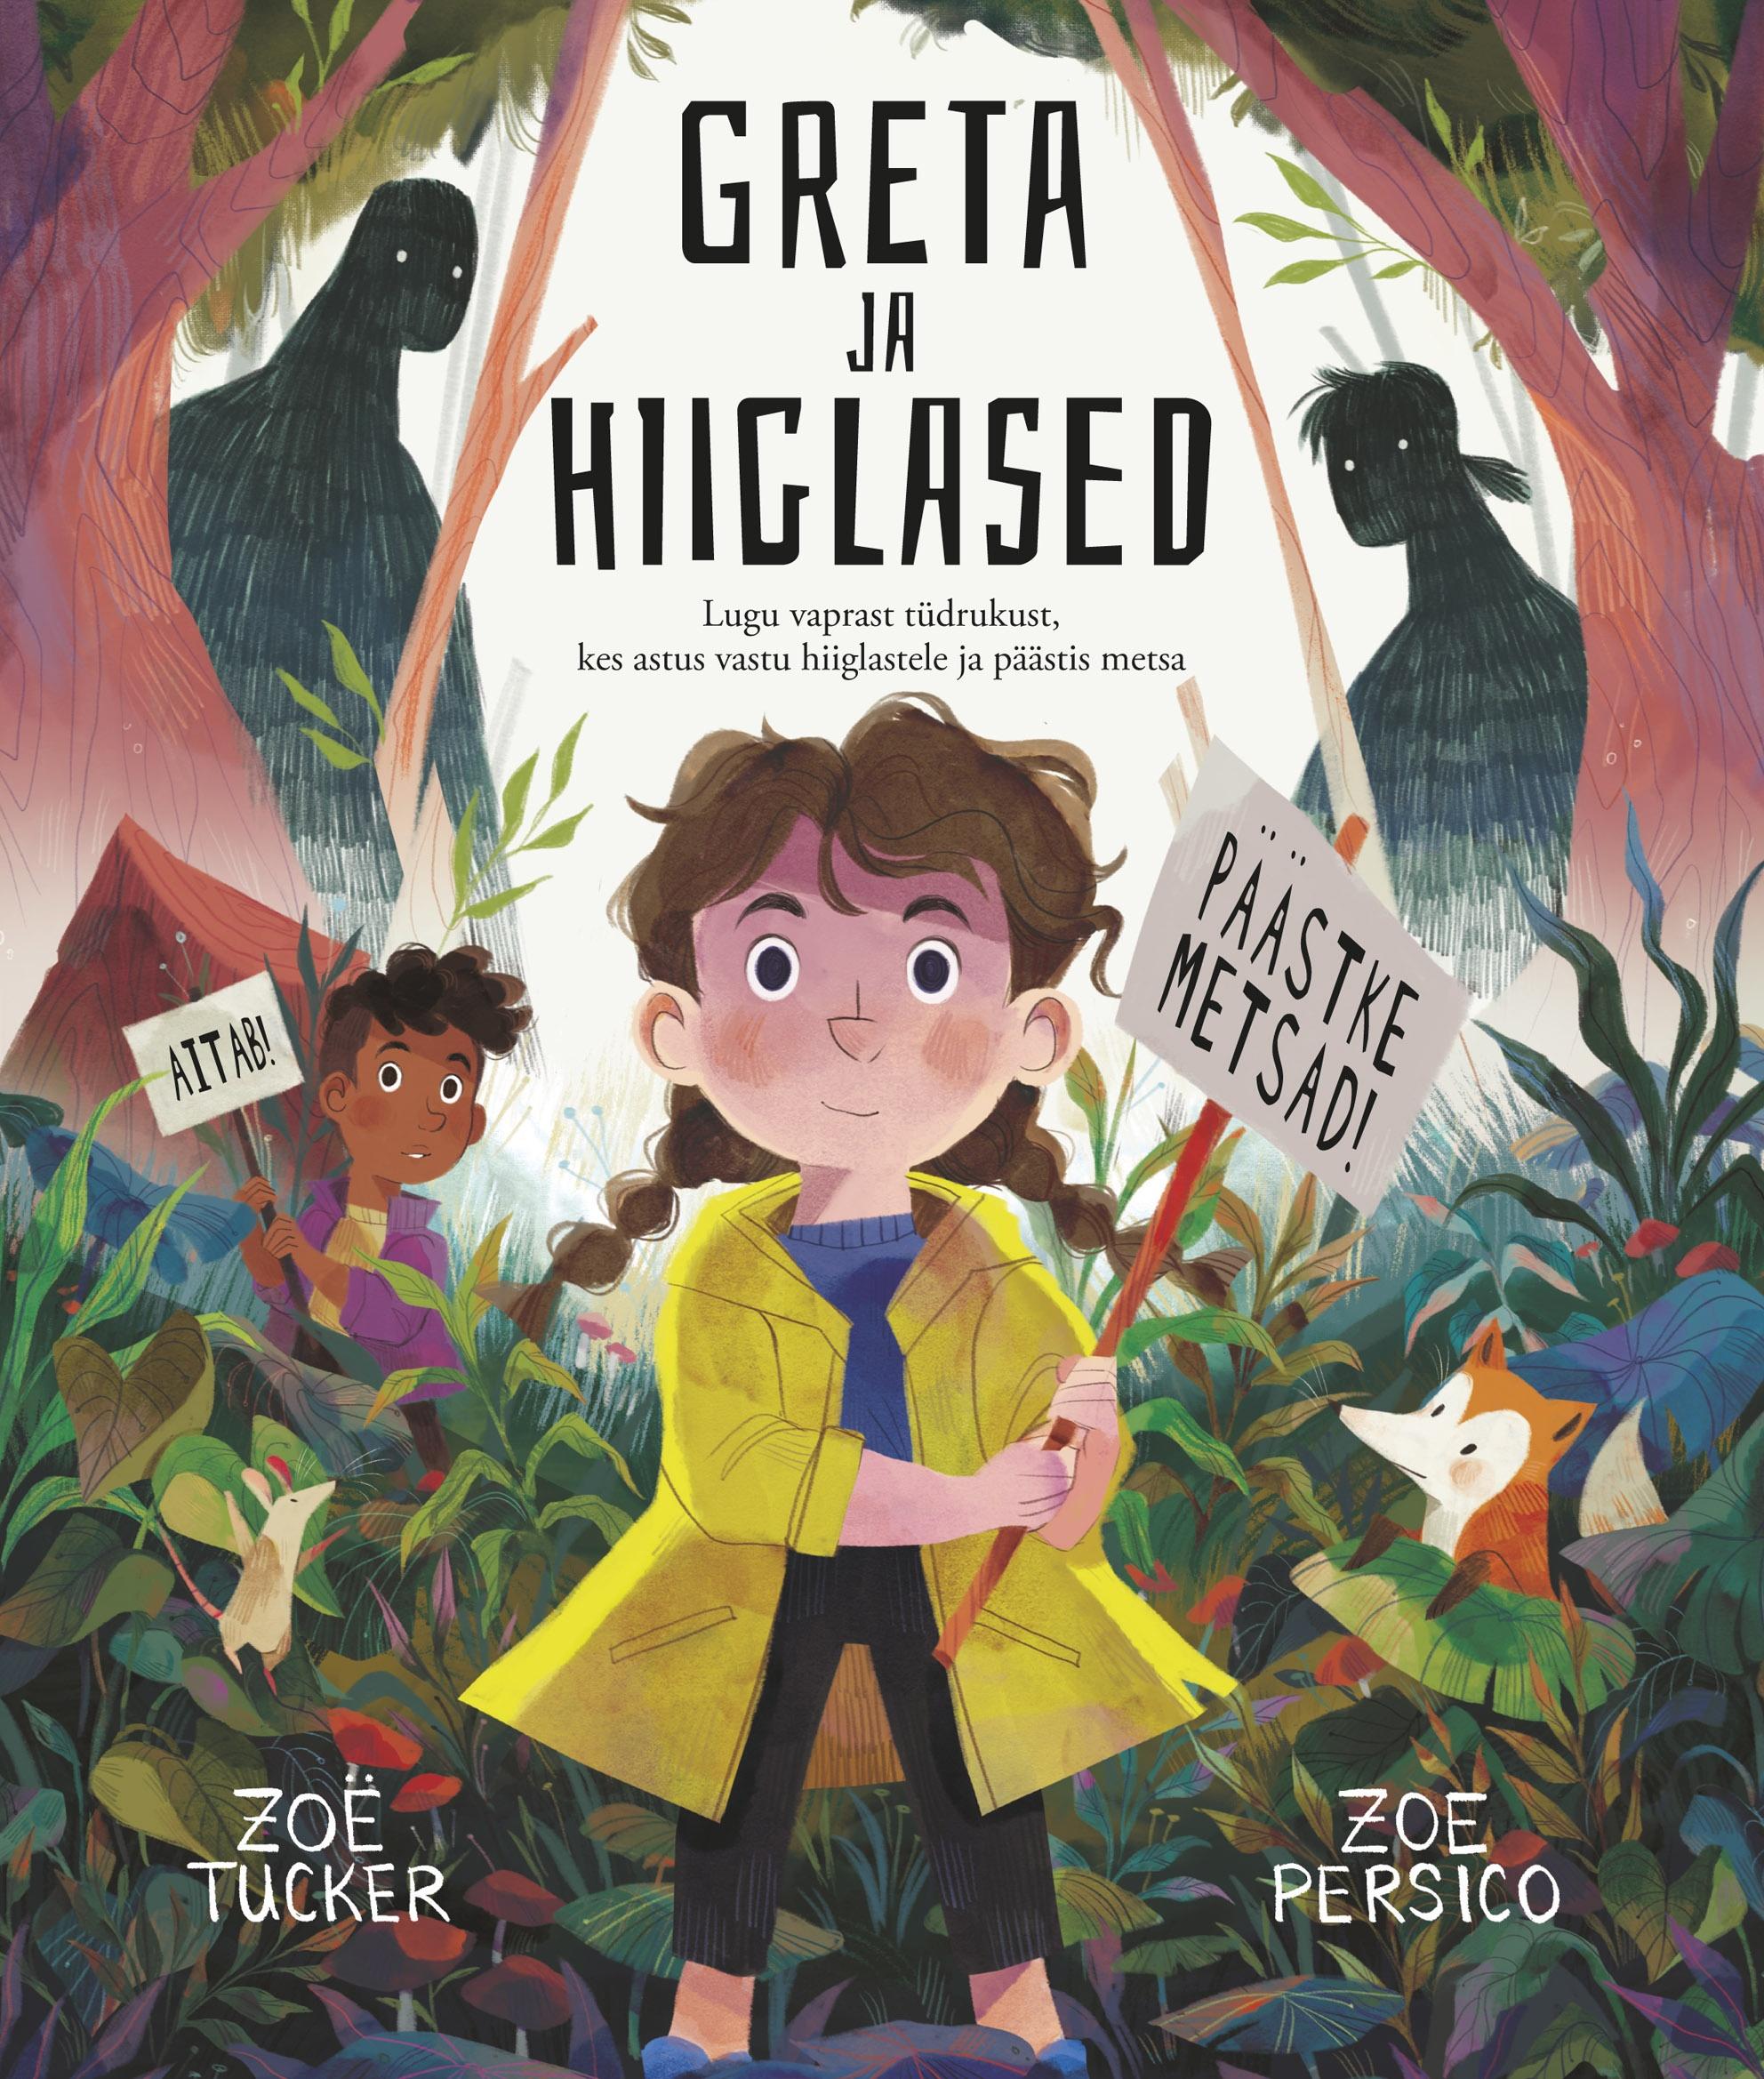 Greta ja hiiglased. lugu vaprast tüdrukust, kes astus vastu hiiglastele ja päästis metsa